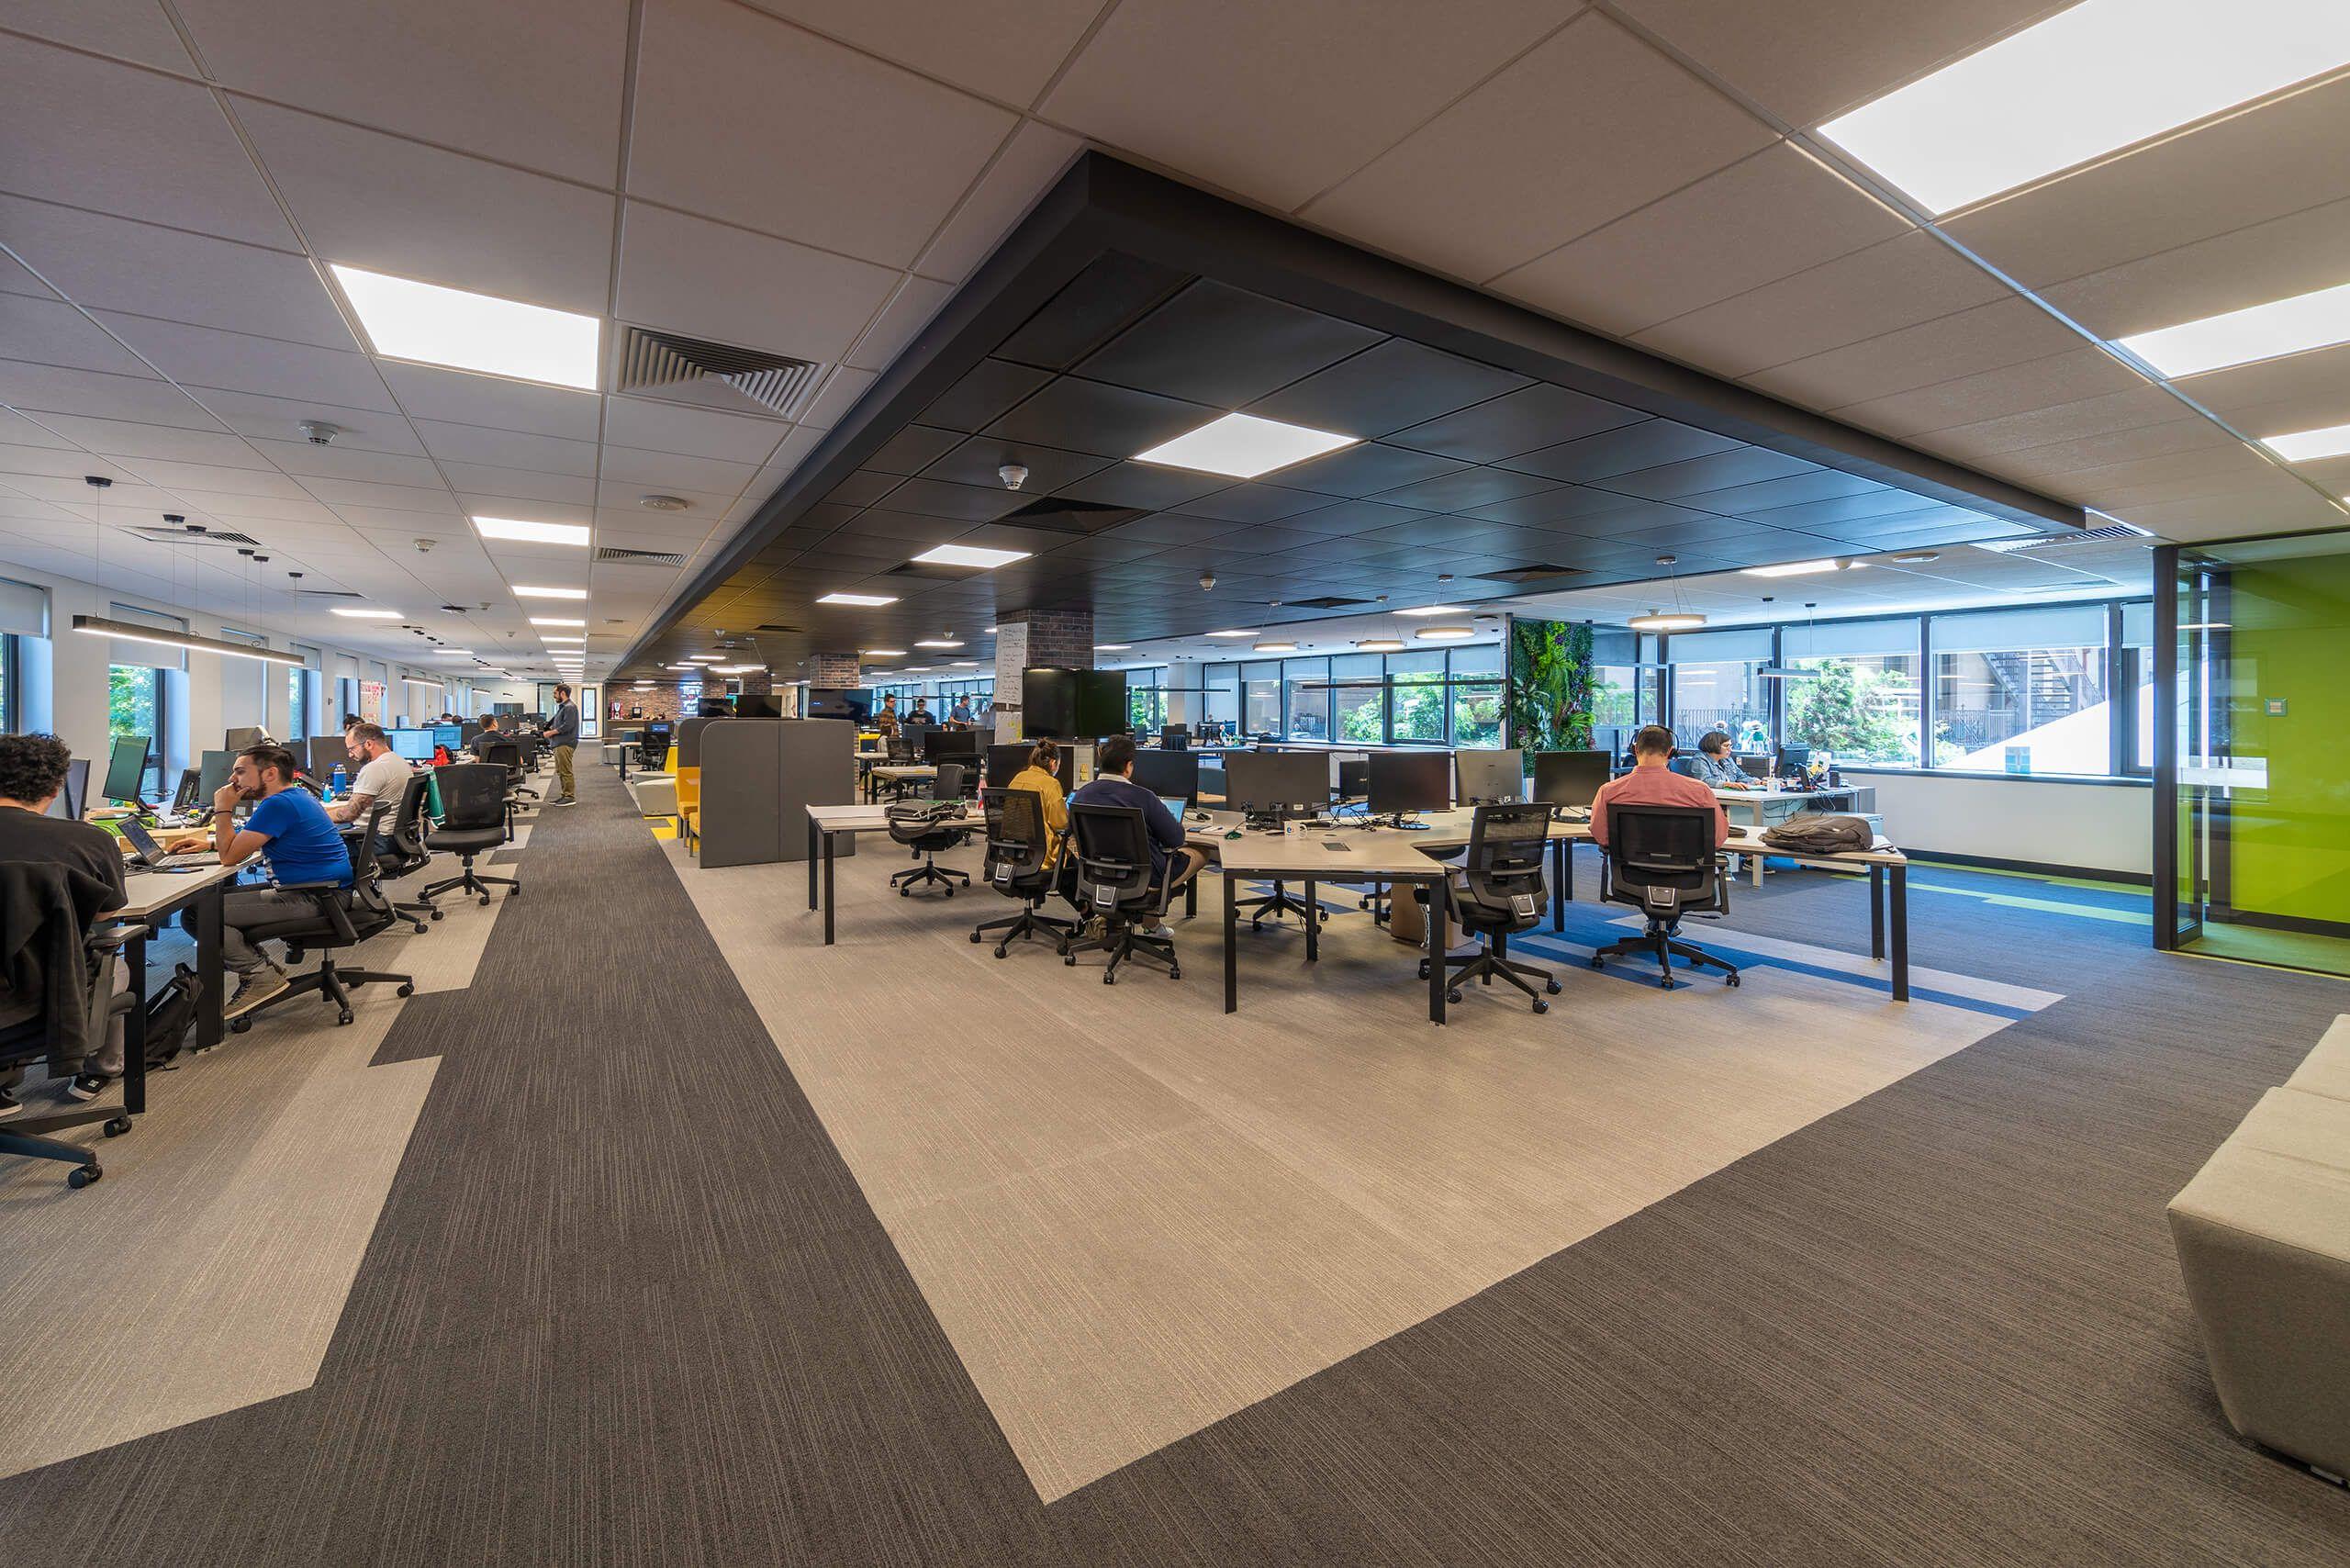 Muebles de oficinas ACHS en Providencia Santiago Chile 03